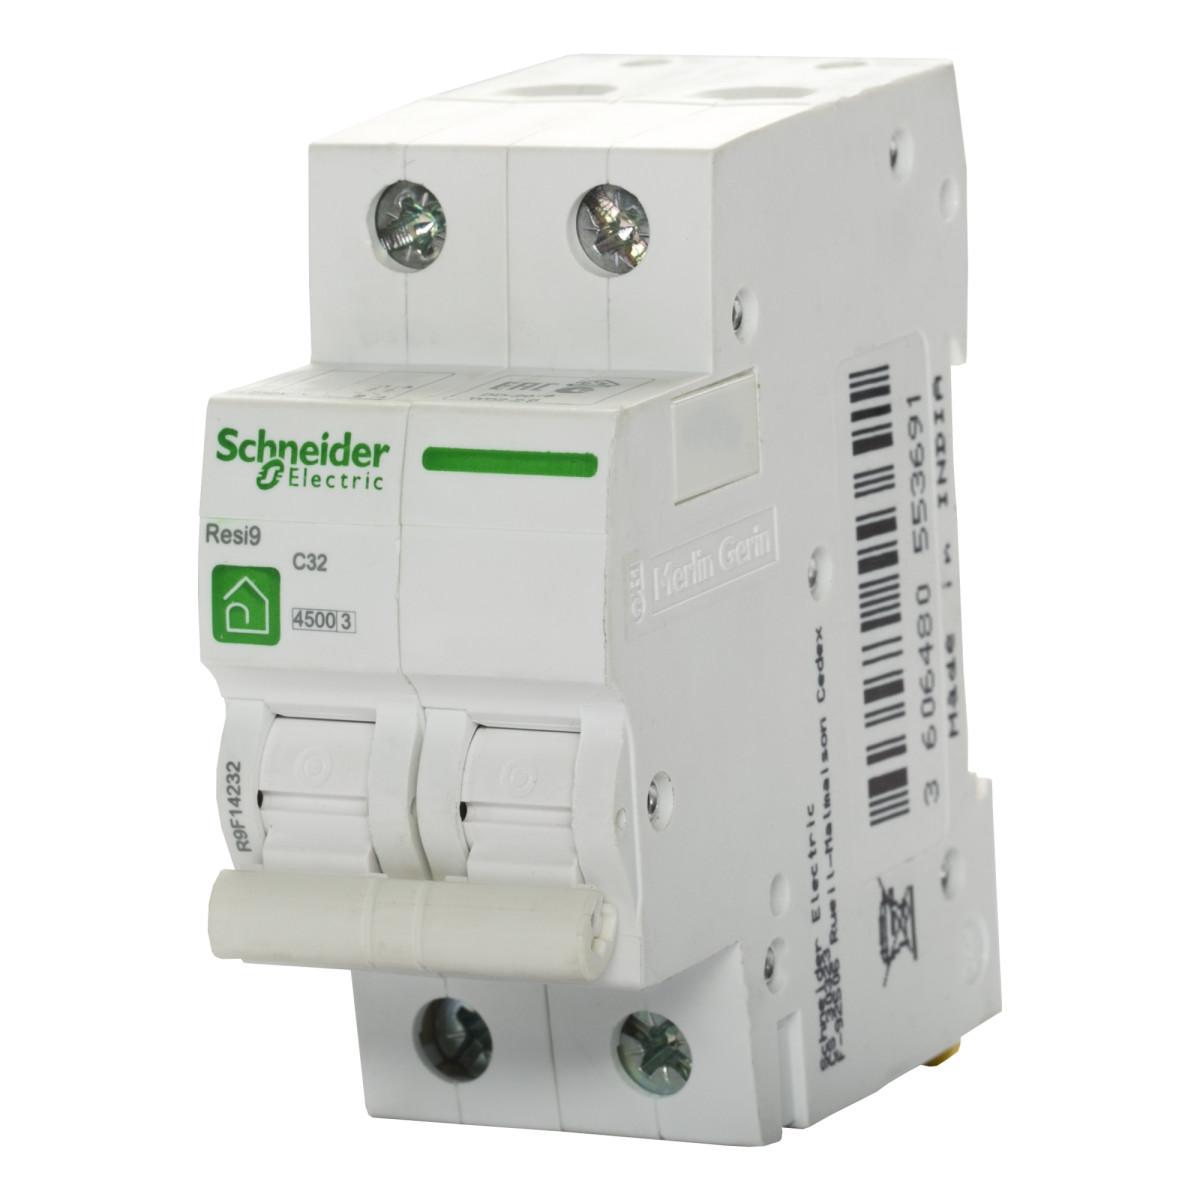 Выключатель автоматический Schneider Electric Resi9 2 полюса 32 A